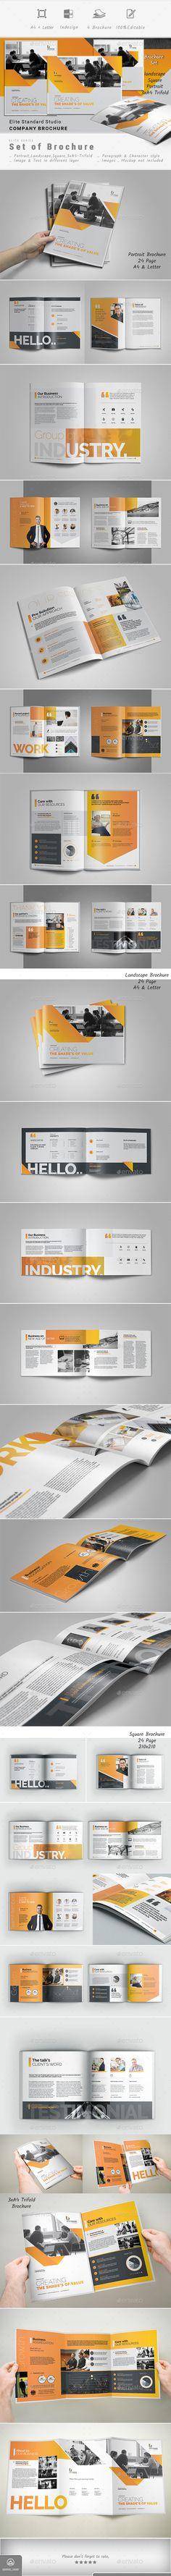 Brochure Pack - Corporate Brochures Download here : https://graphicriver.net/item/brochure-pack/19271601?s_rank=124&ref=Al-fatih